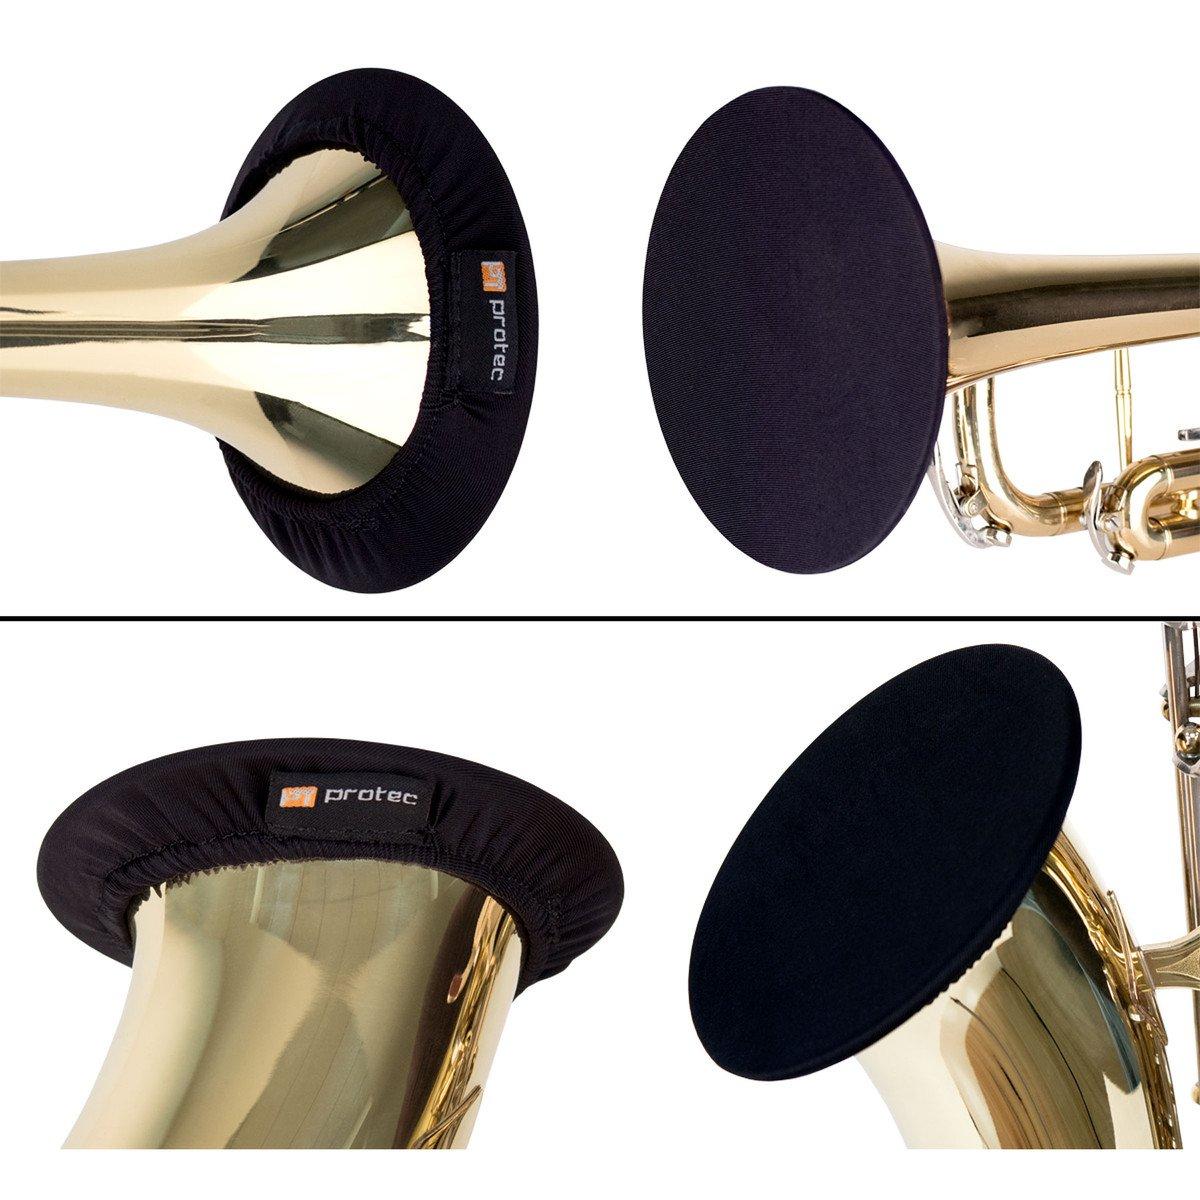 Instrument Bell Cover 3.75-5 Trumpet/B.Clarinet/Soprano+Alto Sax